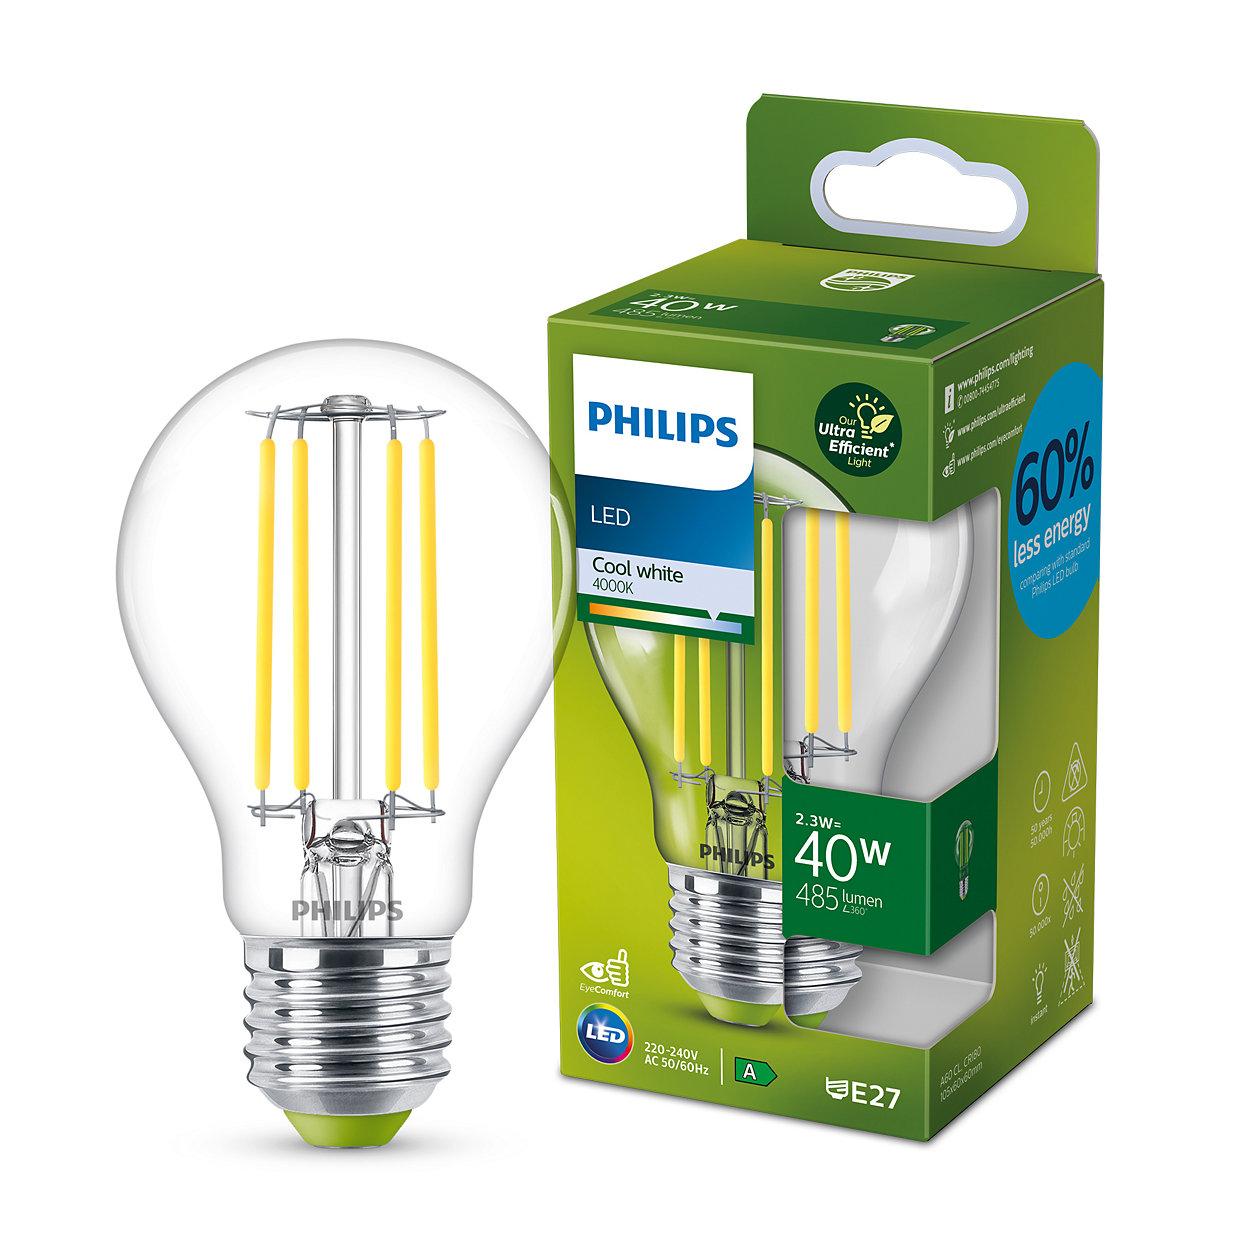 Az átlátszó LED gyertyaizzók mostantól fényárba borítják otthonát